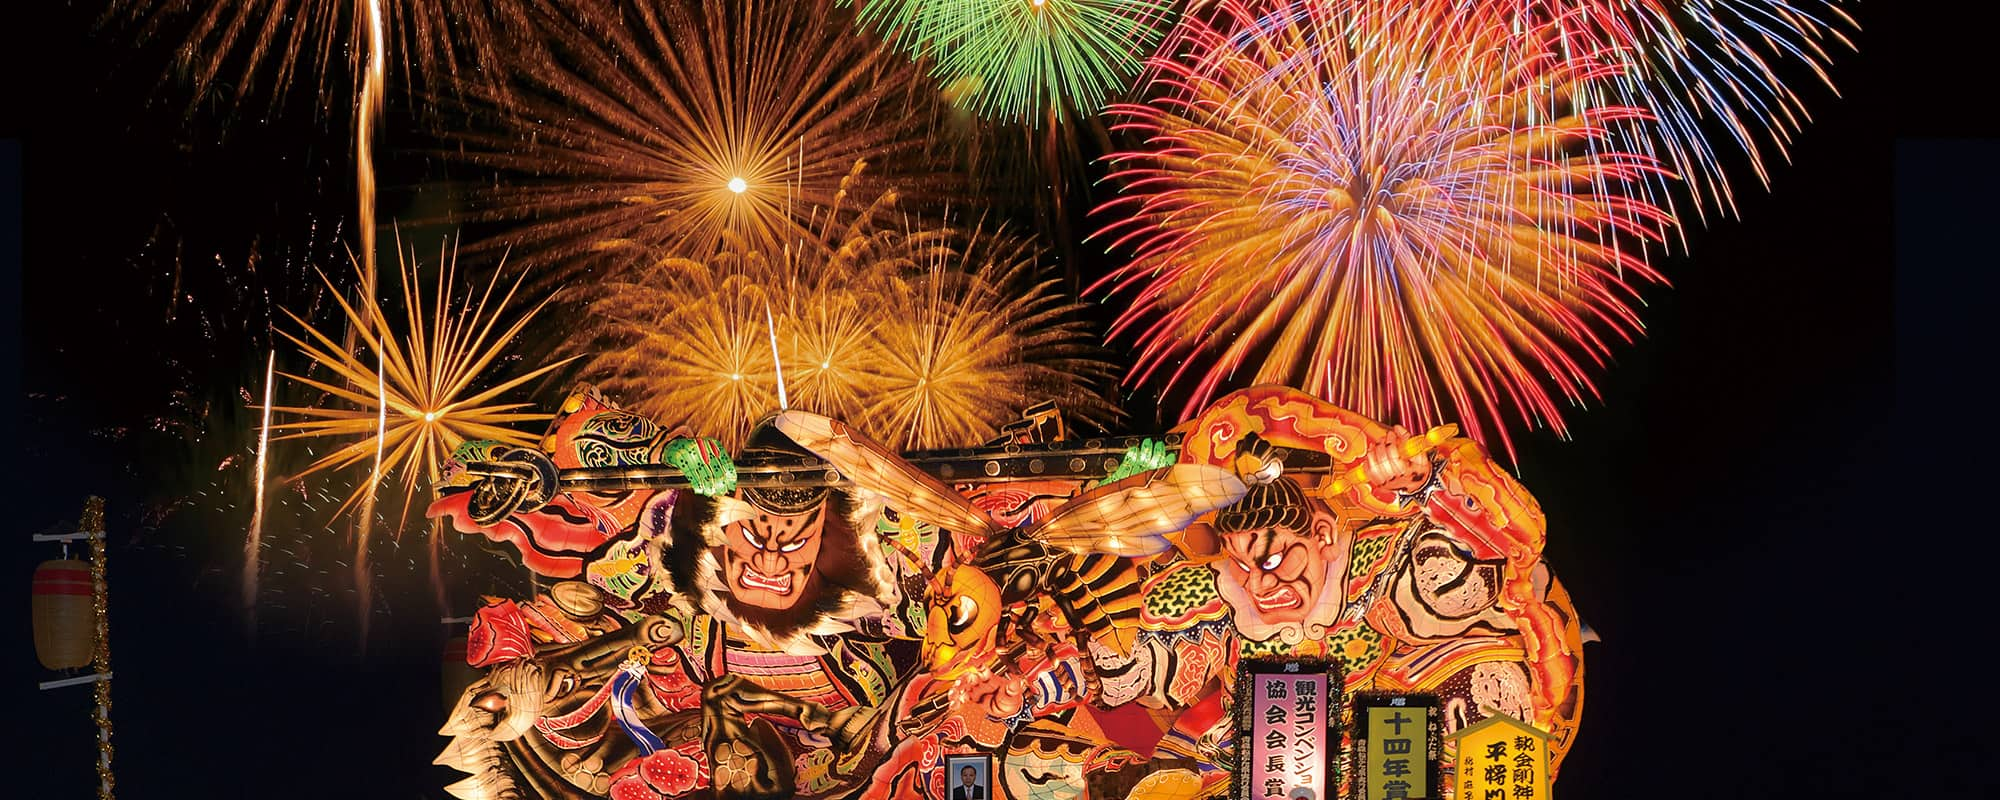 เทศกาล หน้าร้อน Nebuta Festival ในภูมิภาค โทโฮคุ มีการจุดพลุและแห่ขบวนโคมไฟยักษ์